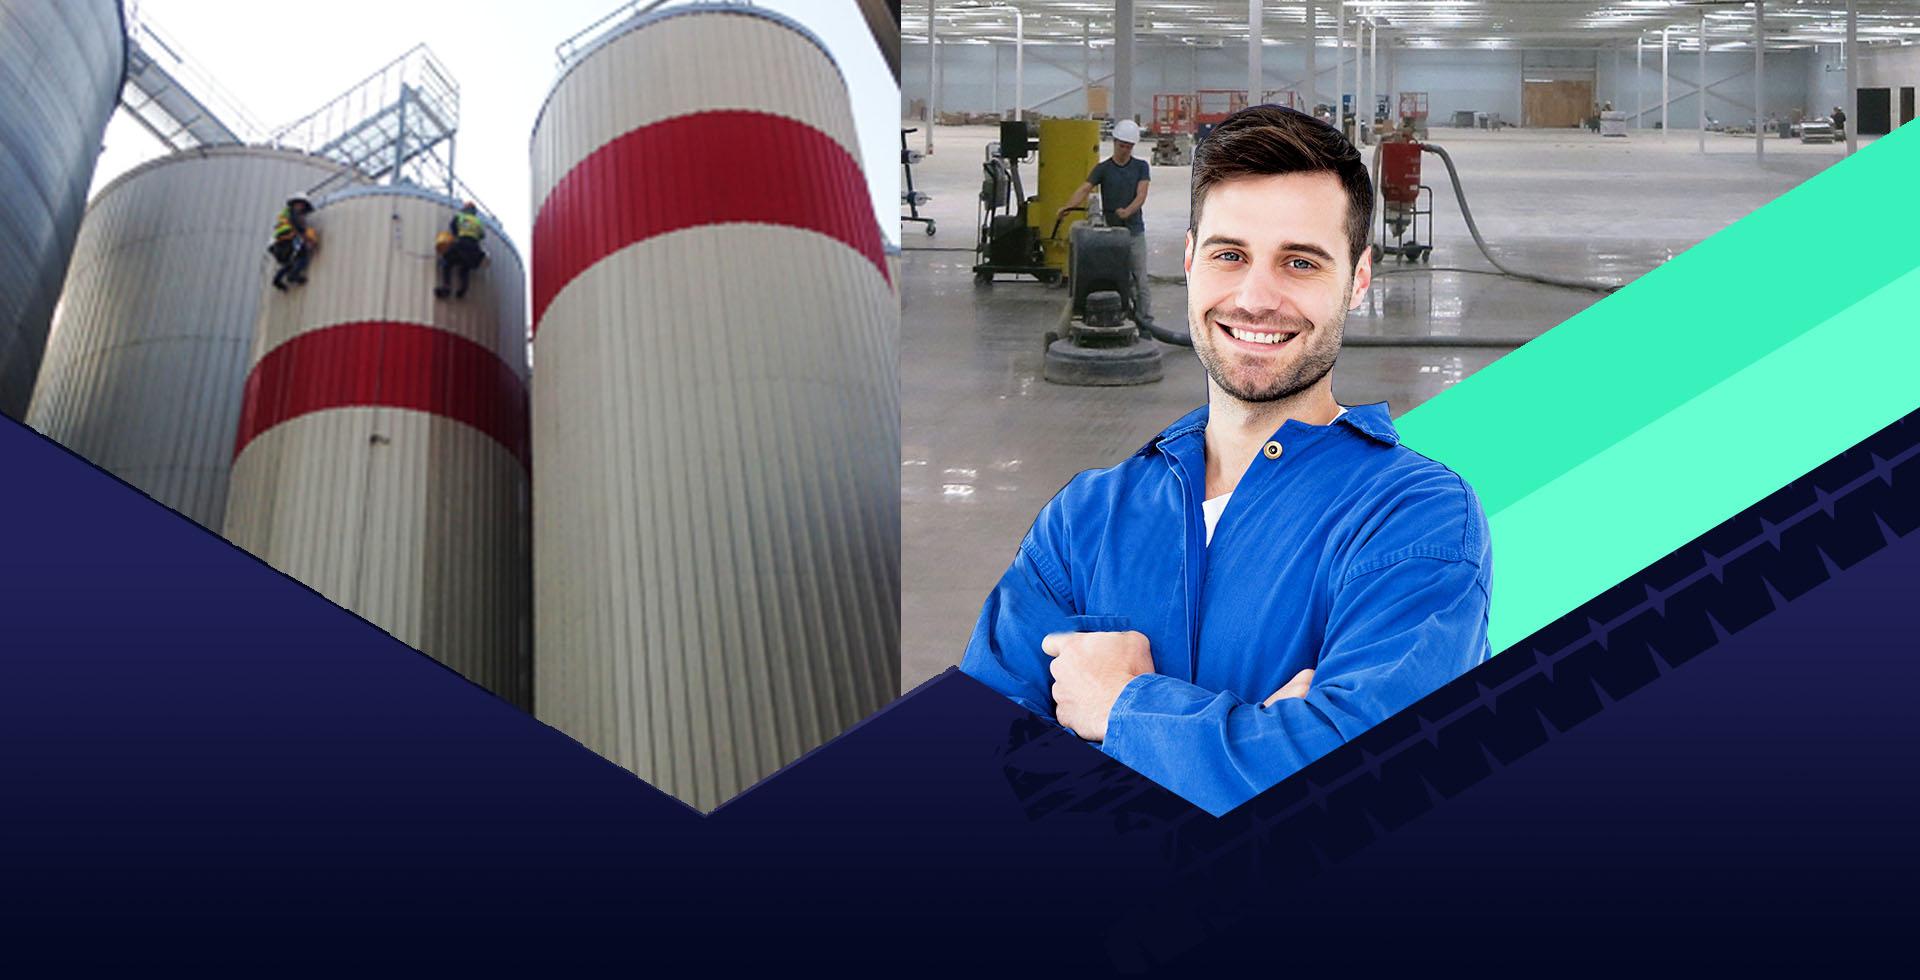 dịch vụ dành cho nhà xưởng TKT Factory